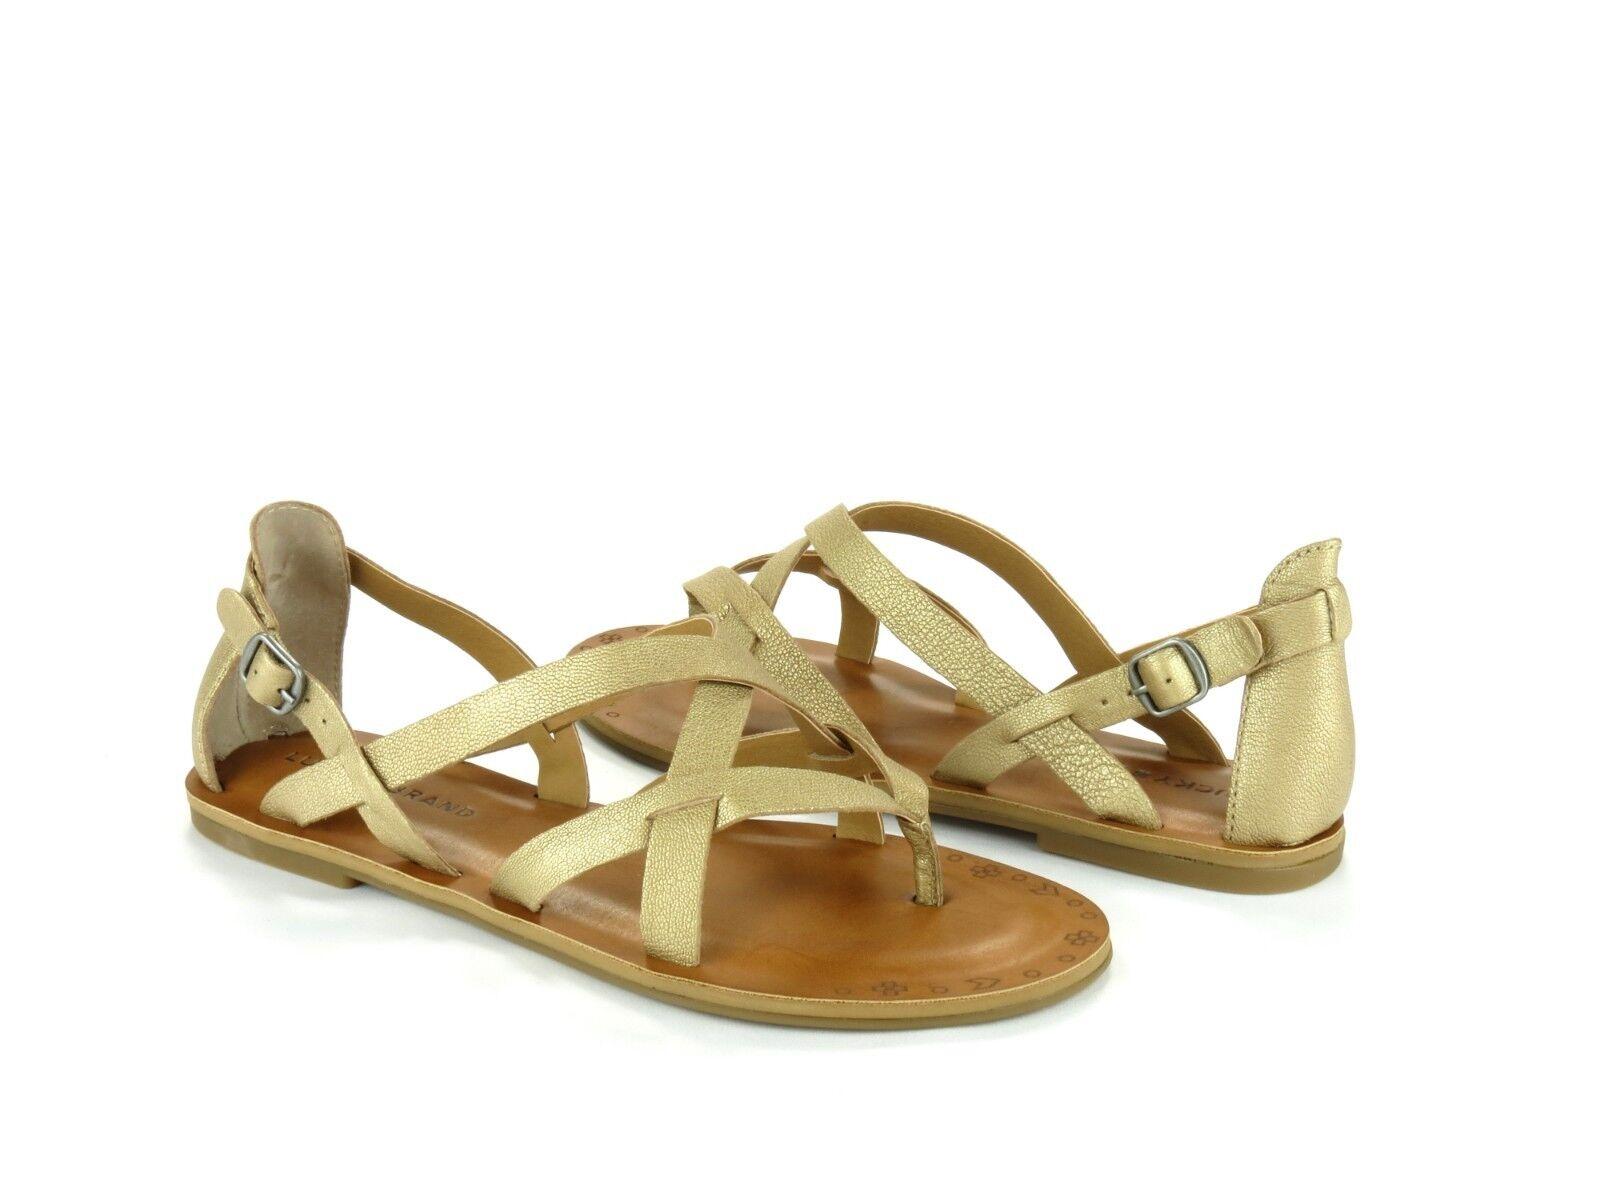 Lucky Brand Brand Brand Ainsley Traverdeino oro Cuero Casuales Boho Con Tiras Sandalias Nuevas 9.5  Precio al por mayor y calidad confiable.